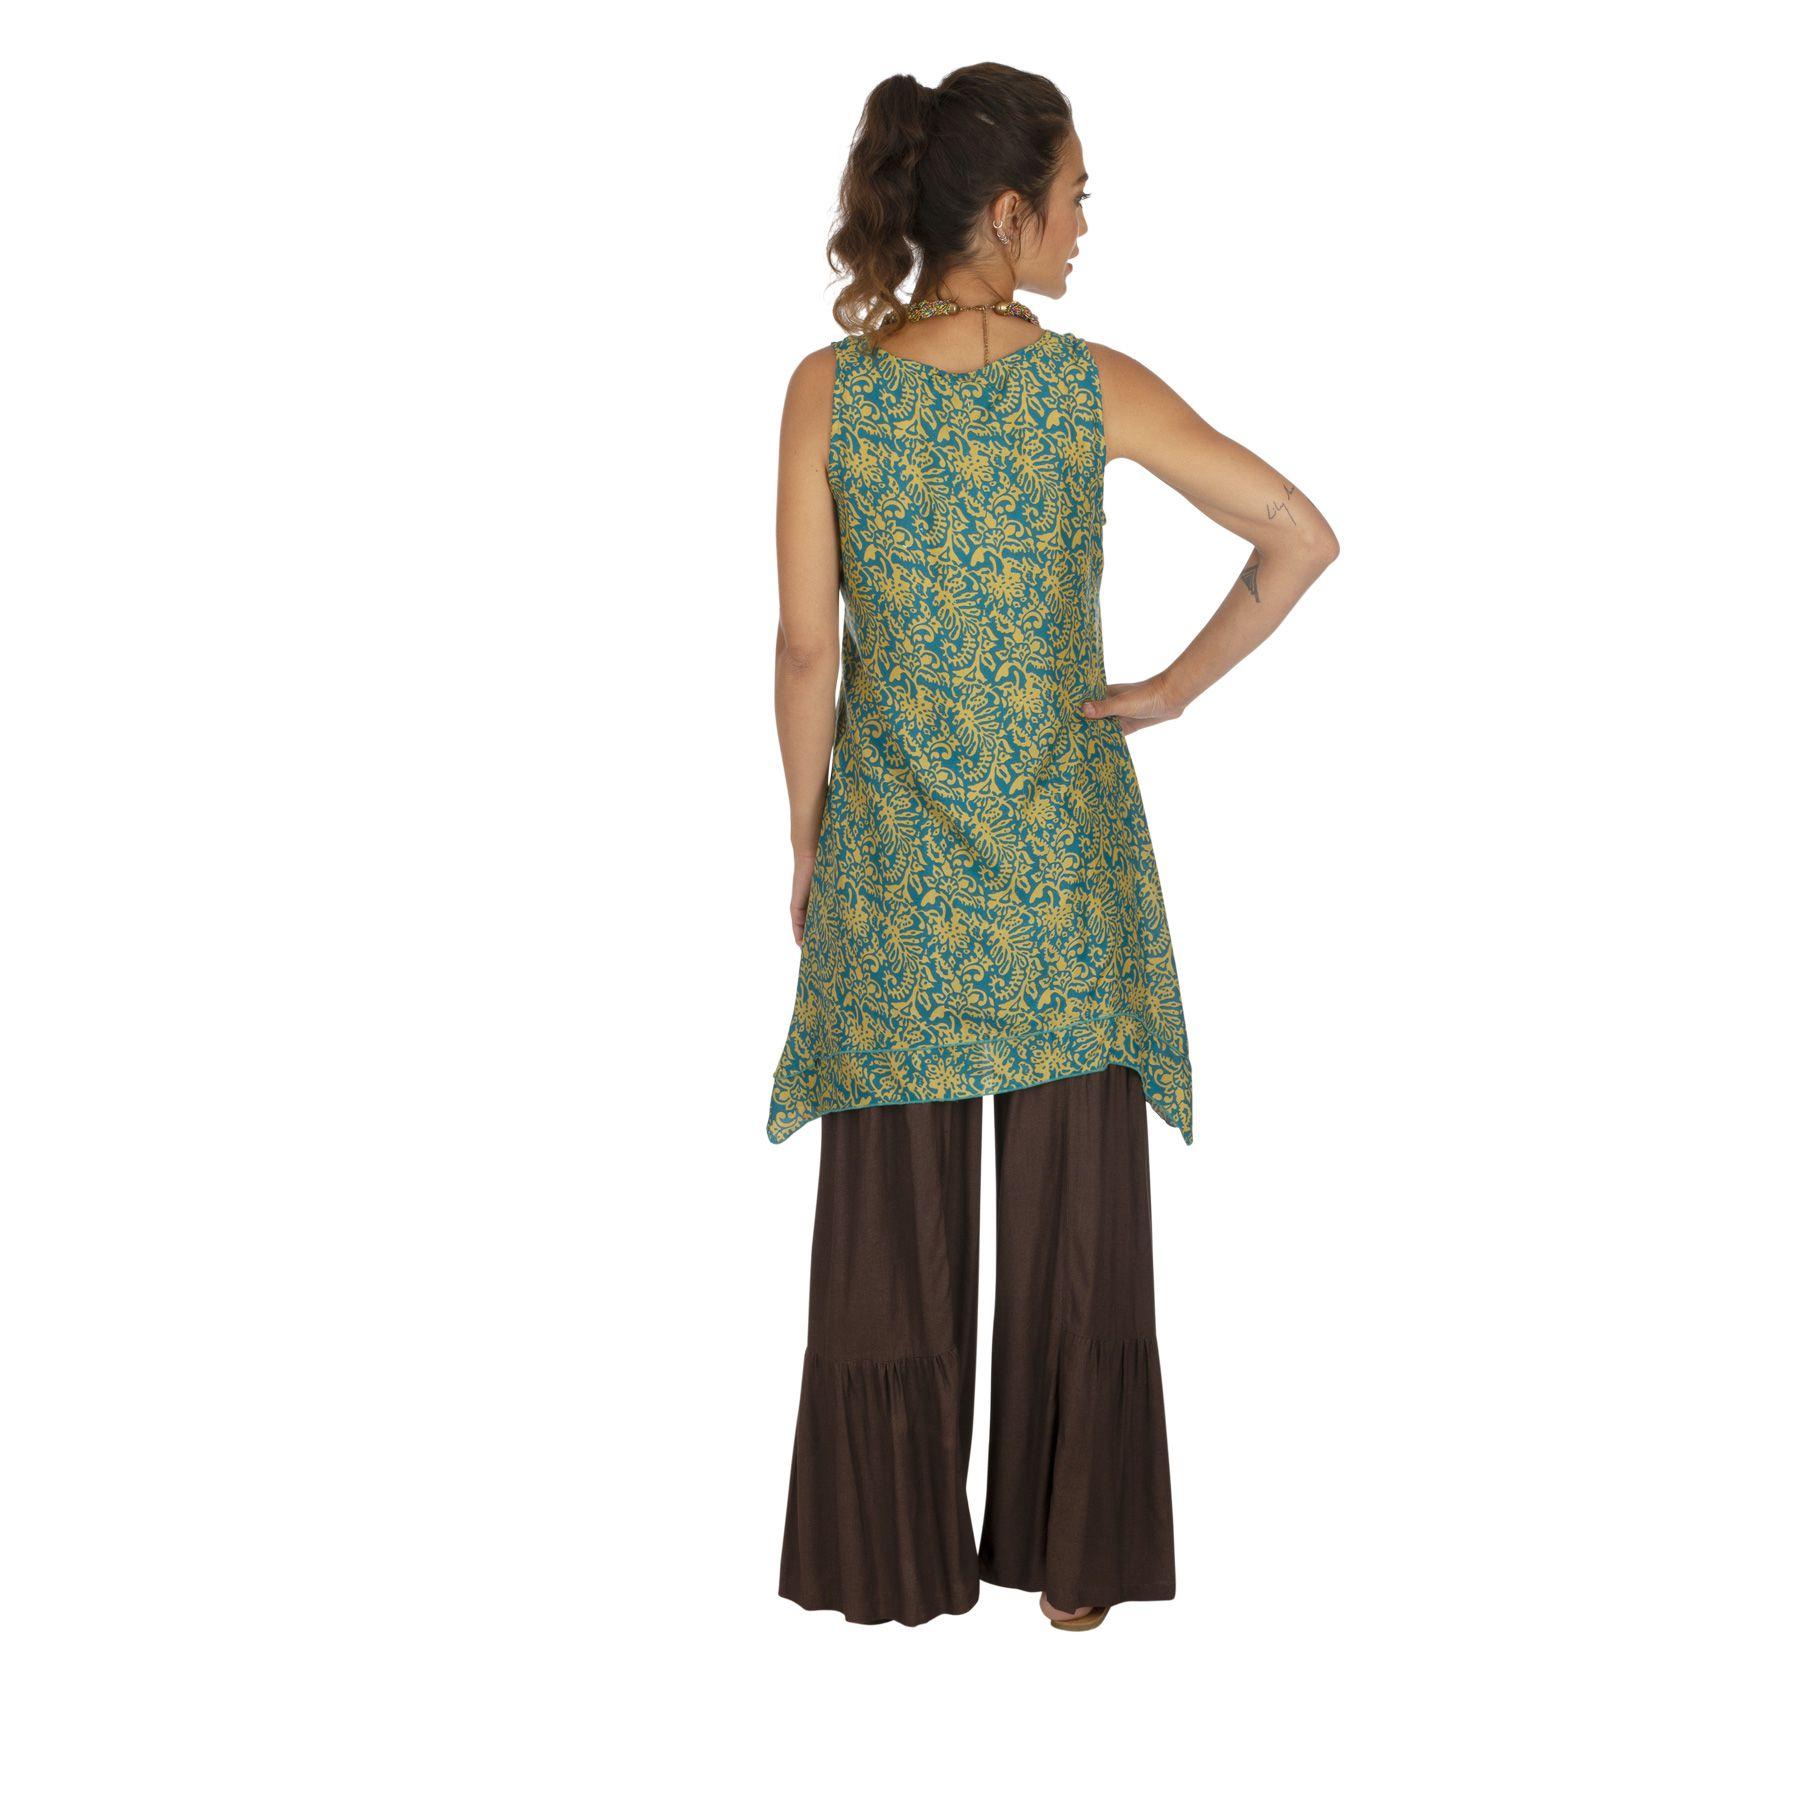 Tunique été femme ample et fluide style bohème Letavy 319873